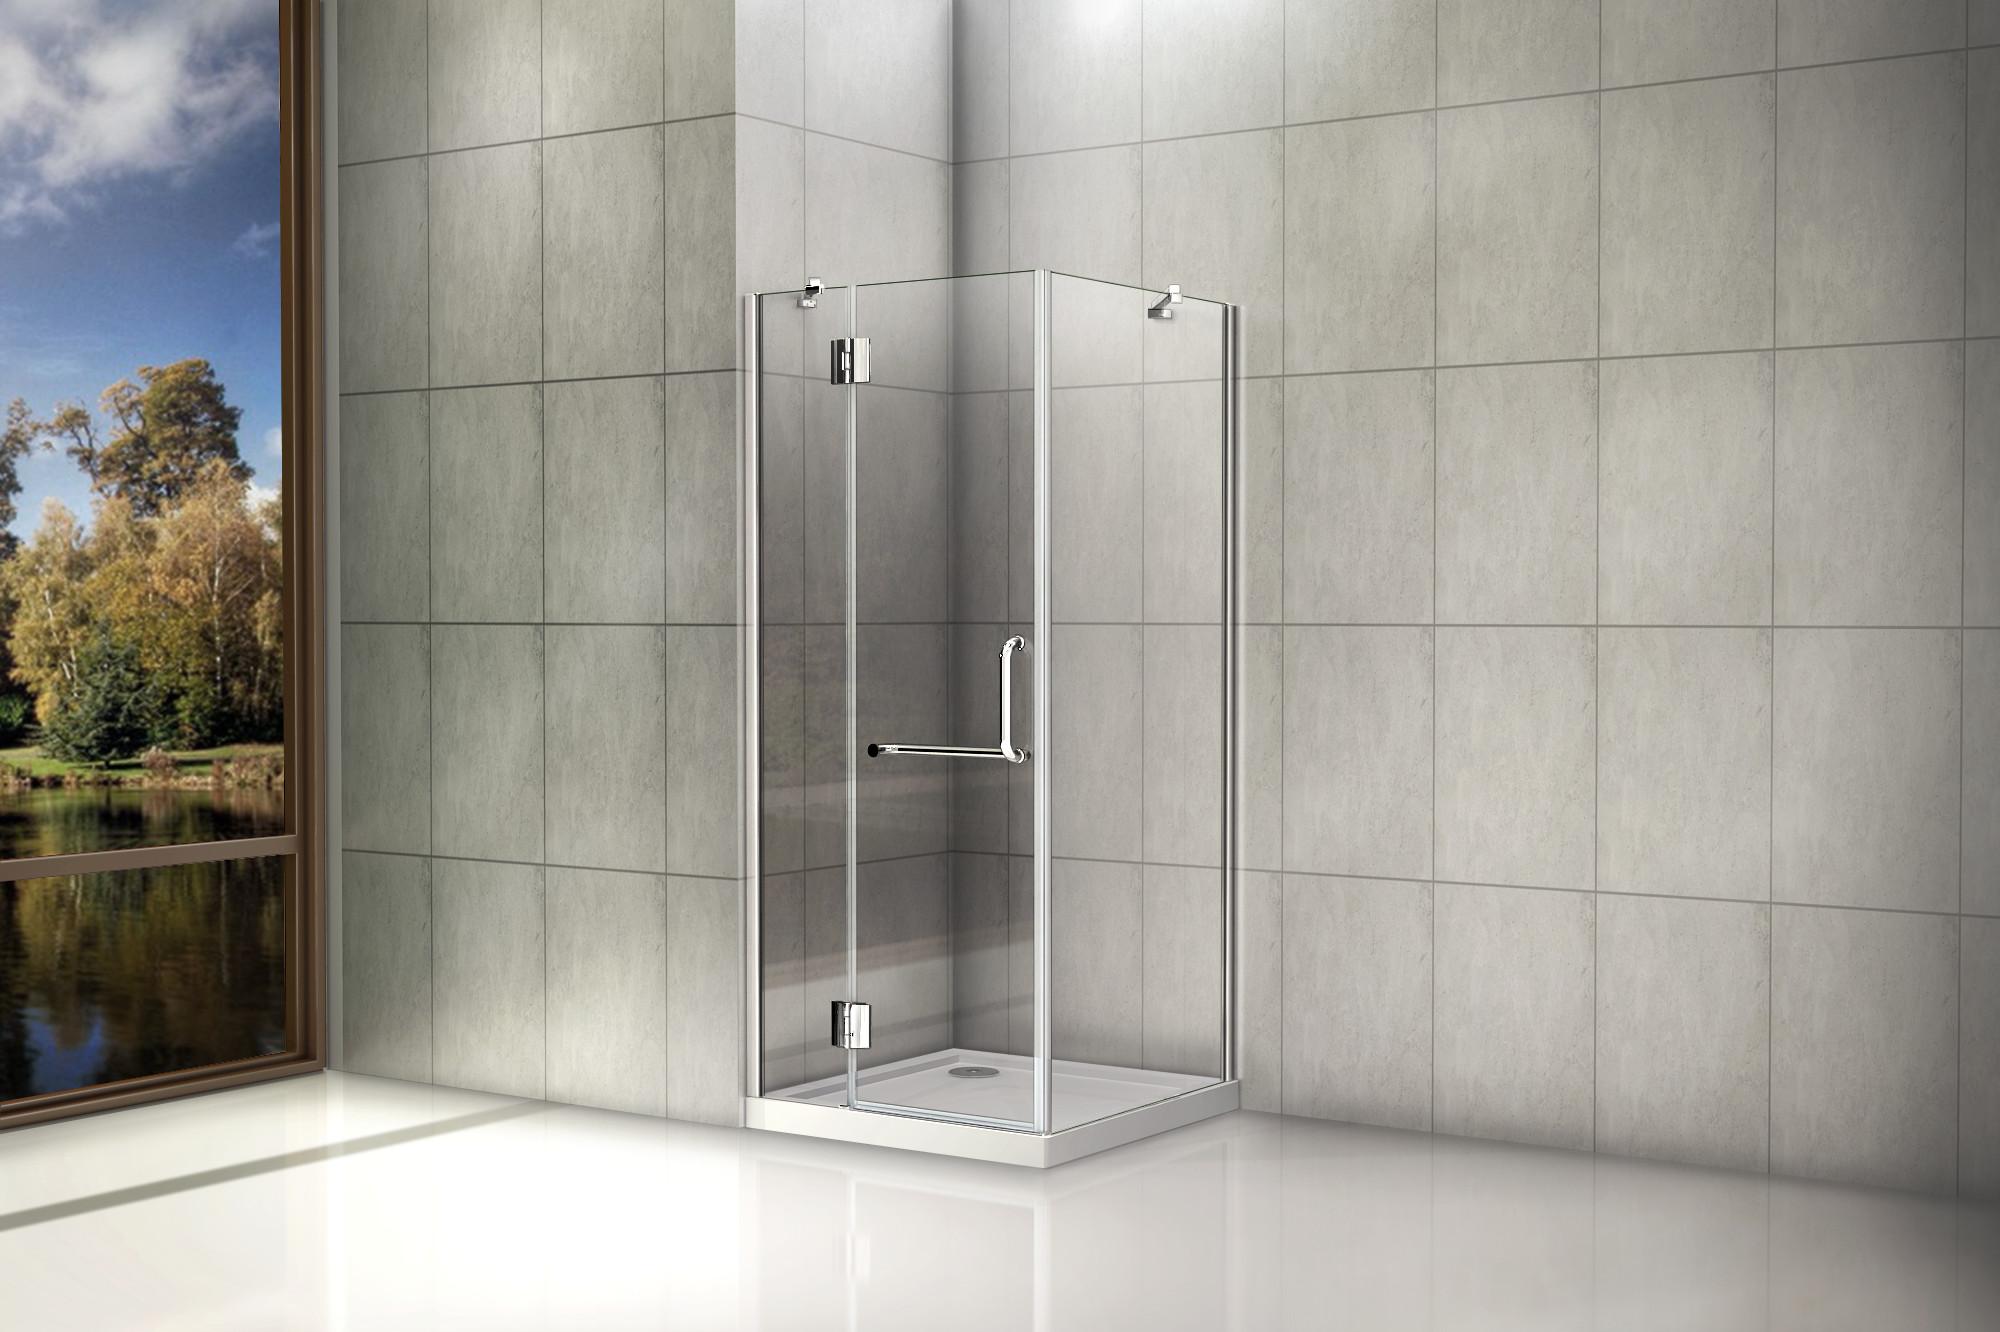 Duschkabine nischen duscht r duschabtrennung easyclean for Dusche ohne tasse